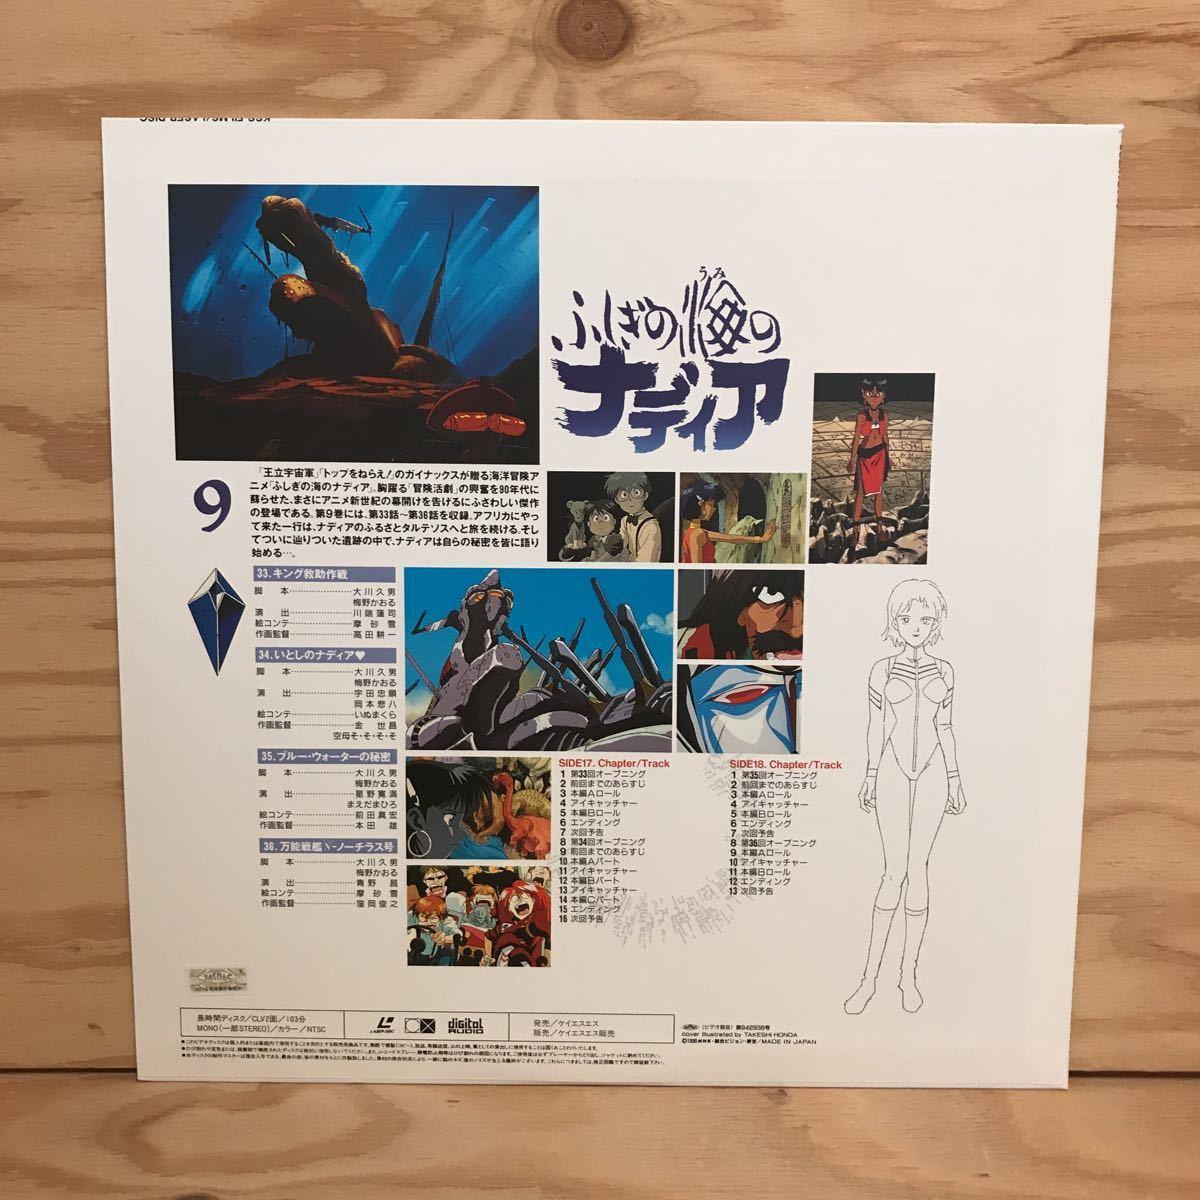 ◎K3FIID-200305 レア[ふしぎの海のナディア VOL.9 NADIA]LD レーザーディスク 大川久男 高田耕一 _画像2